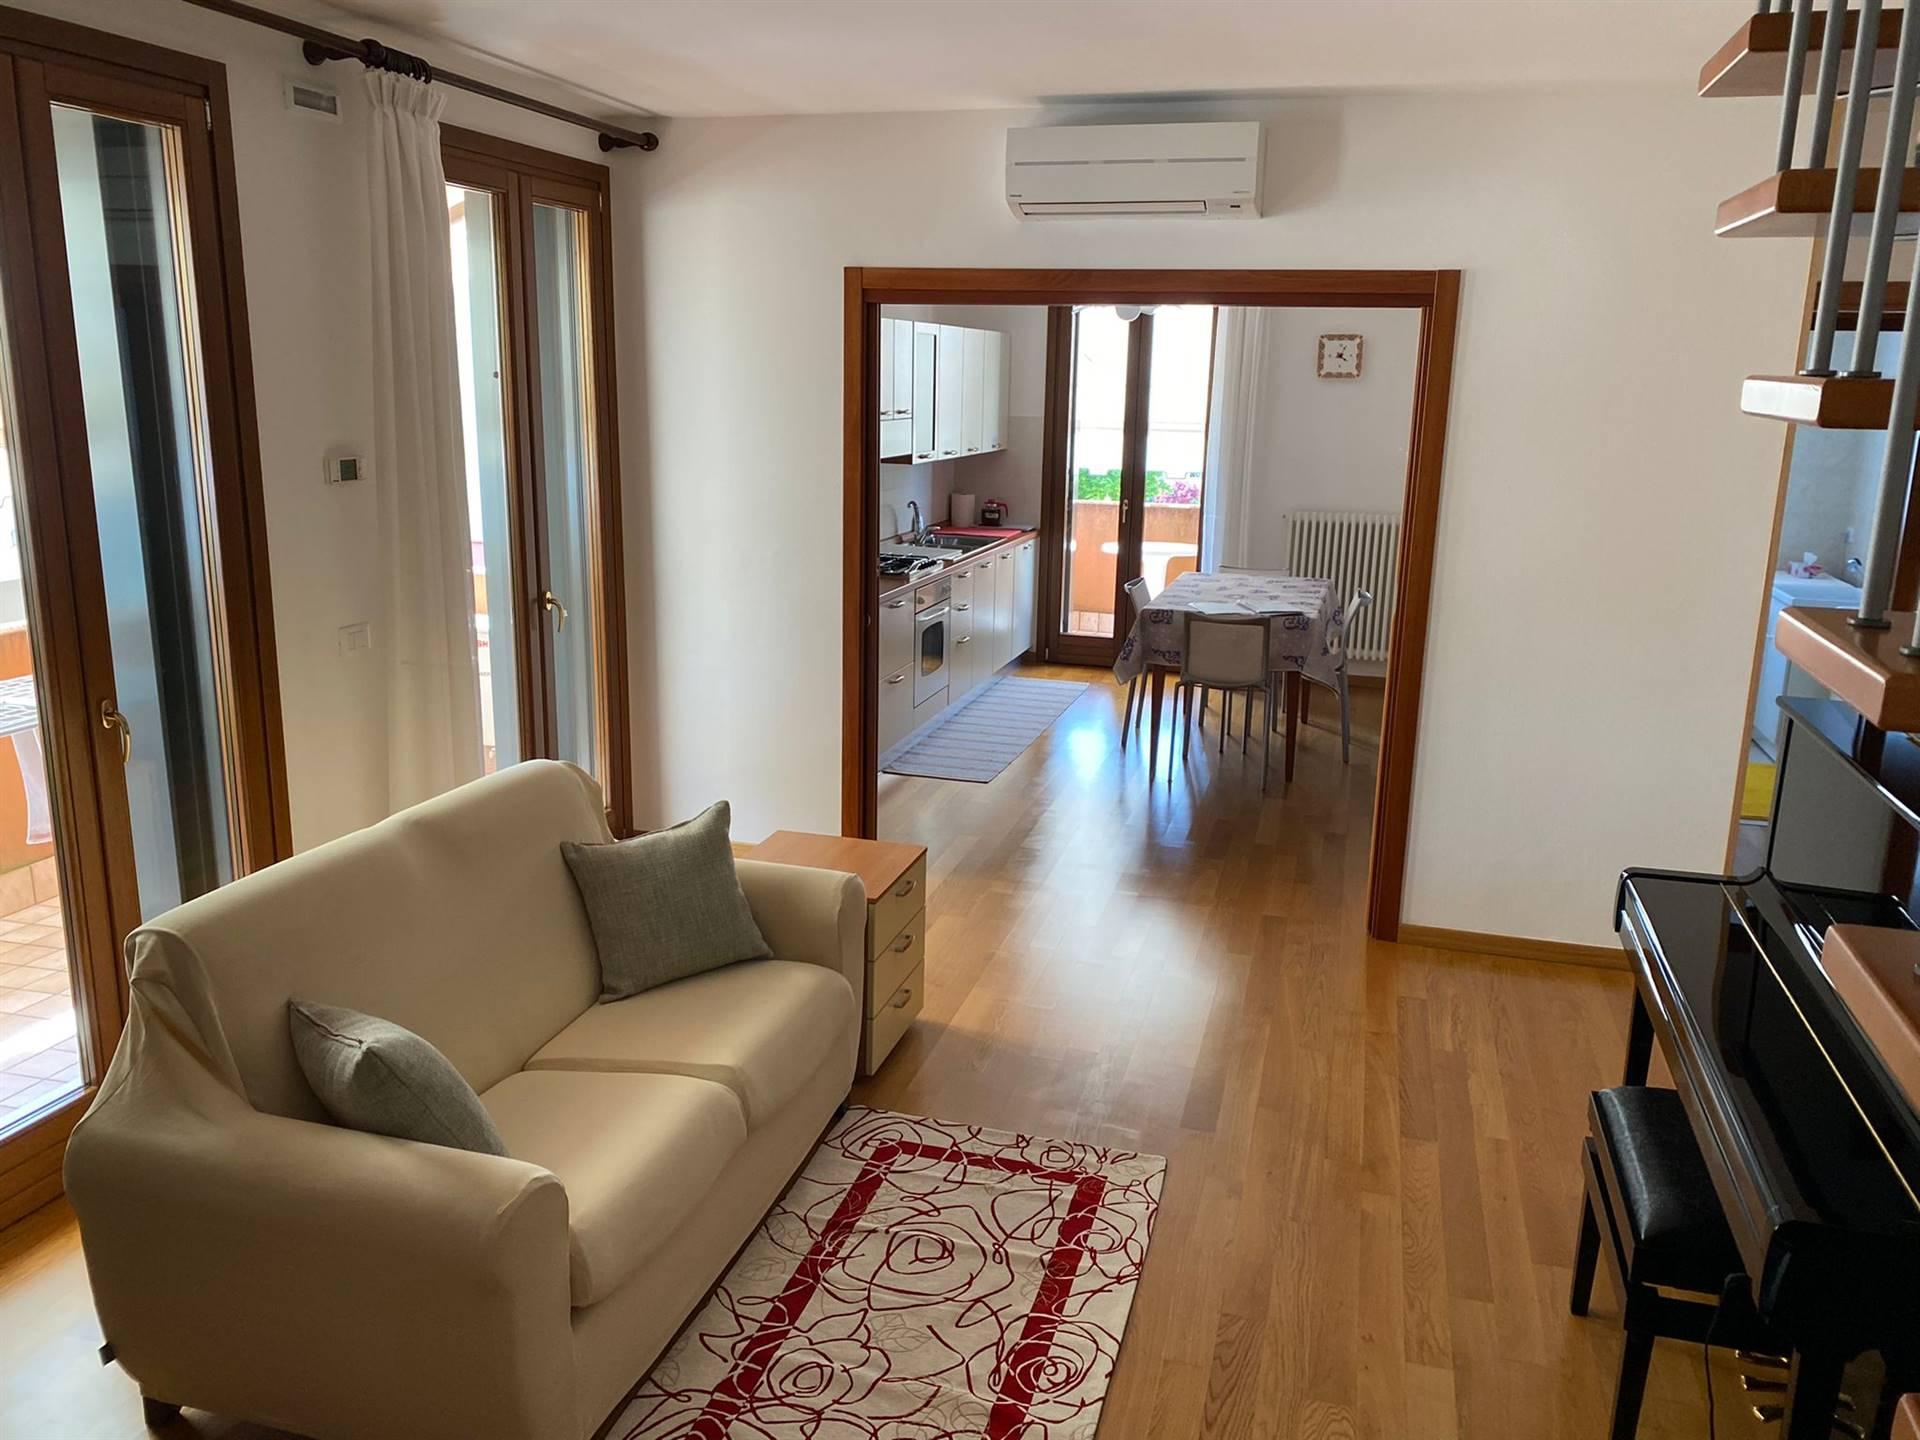 Appartamento in vendita a Martellago, 4 locali, prezzo € 158.000 | PortaleAgenzieImmobiliari.it